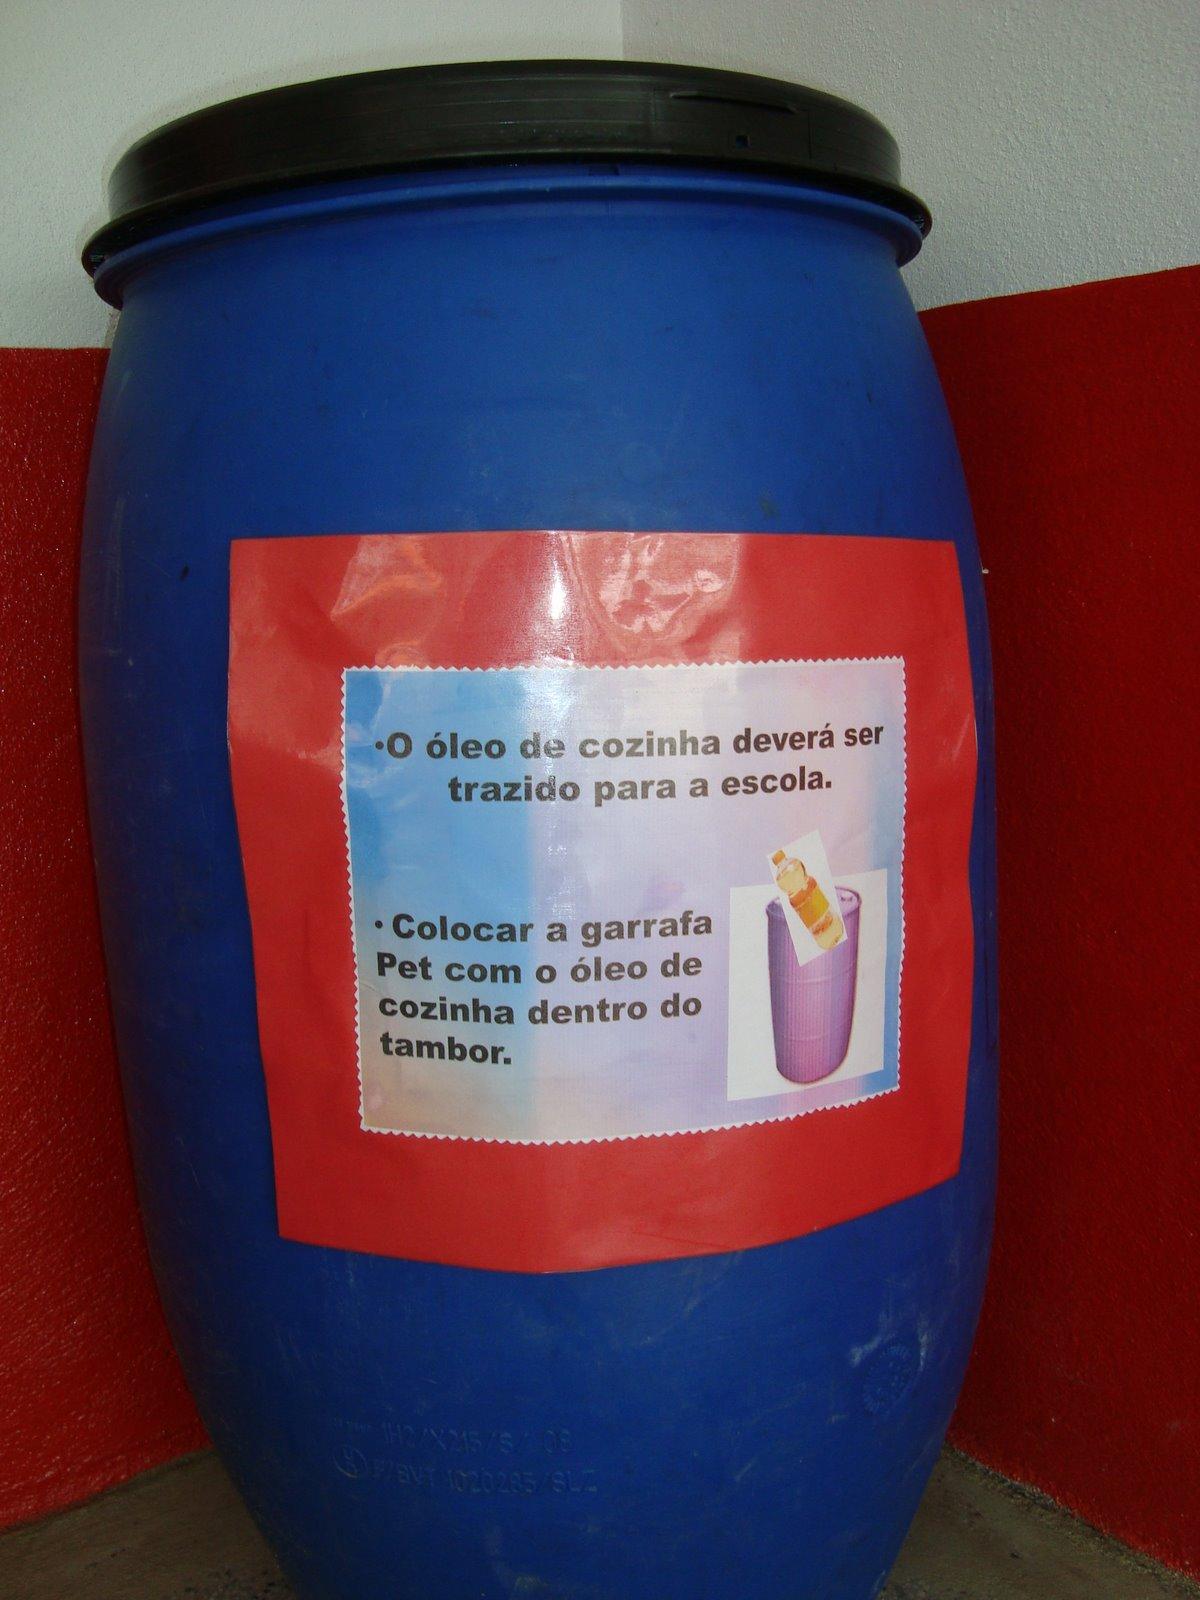 #710E0B NOVA GERAÇÃO: Projeto: Reciclagem de oleo de Cozinha Usado. 1200x1600 px Projeto Oleo De Cozinha Usado_4925 Imagens